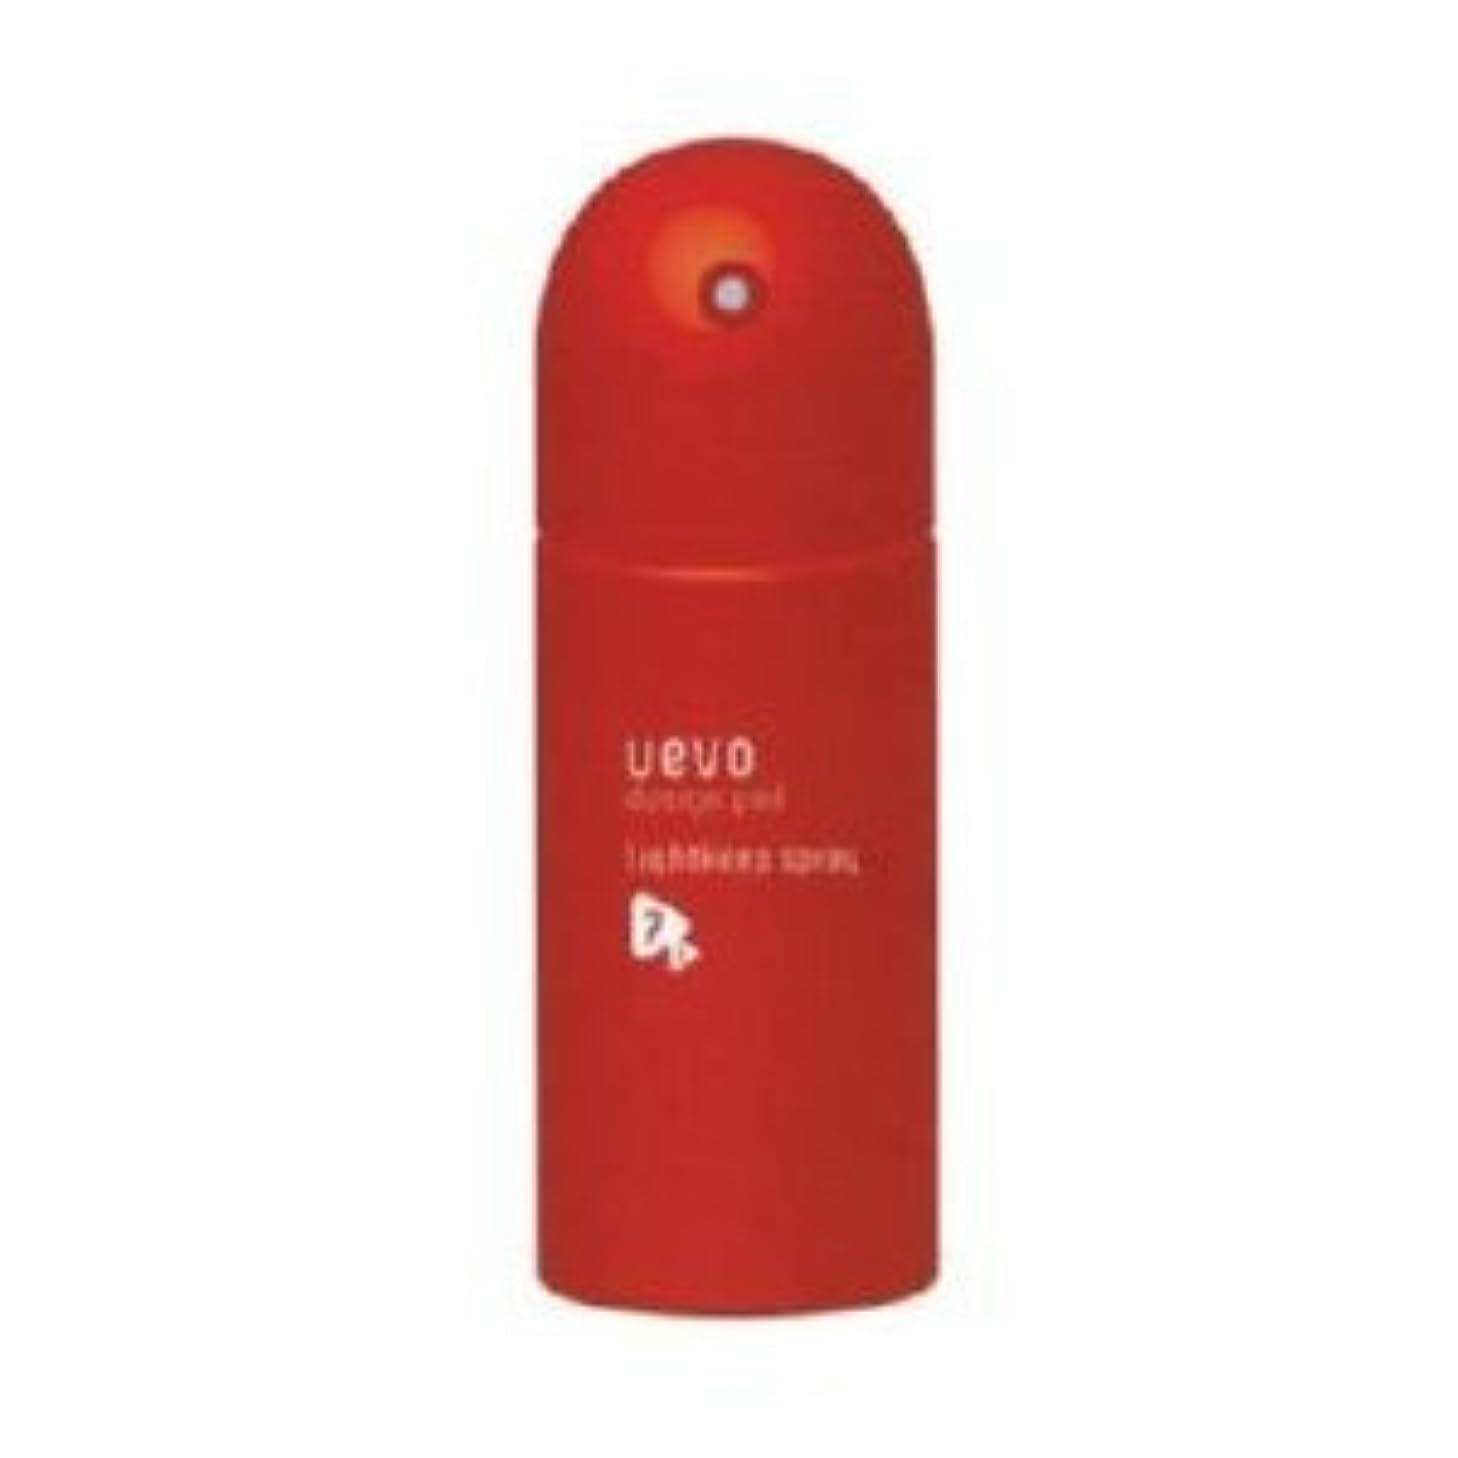 スラッシュダニ欠伸【X3個セット】 デミ ウェーボ デザインポッド ライトキープスプレー 220ml lightkeep spray DEMI uevo design pod